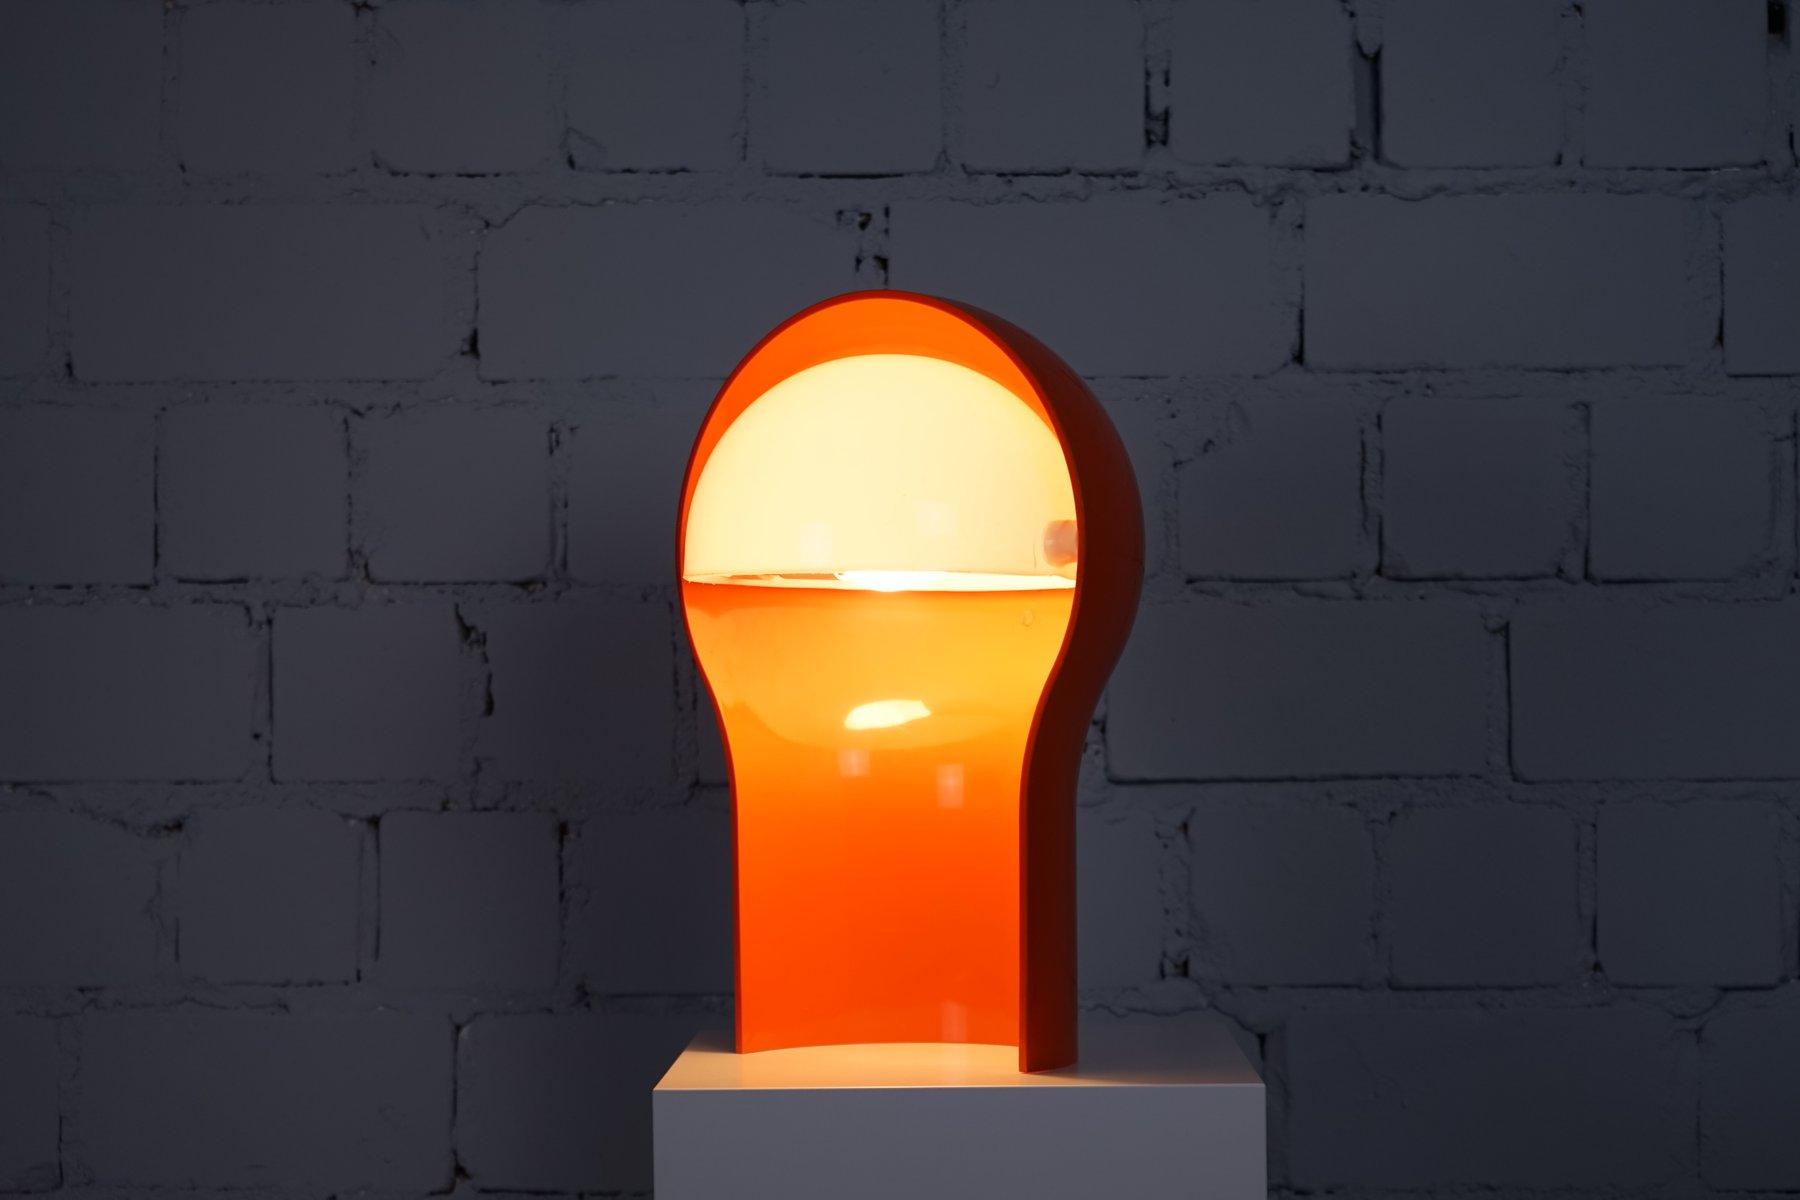 Lampada da tavolo telegono arancione di vico magistretti per artemide 1968 in vendita su pamono - Lampada da tavolo vico magistretti ...